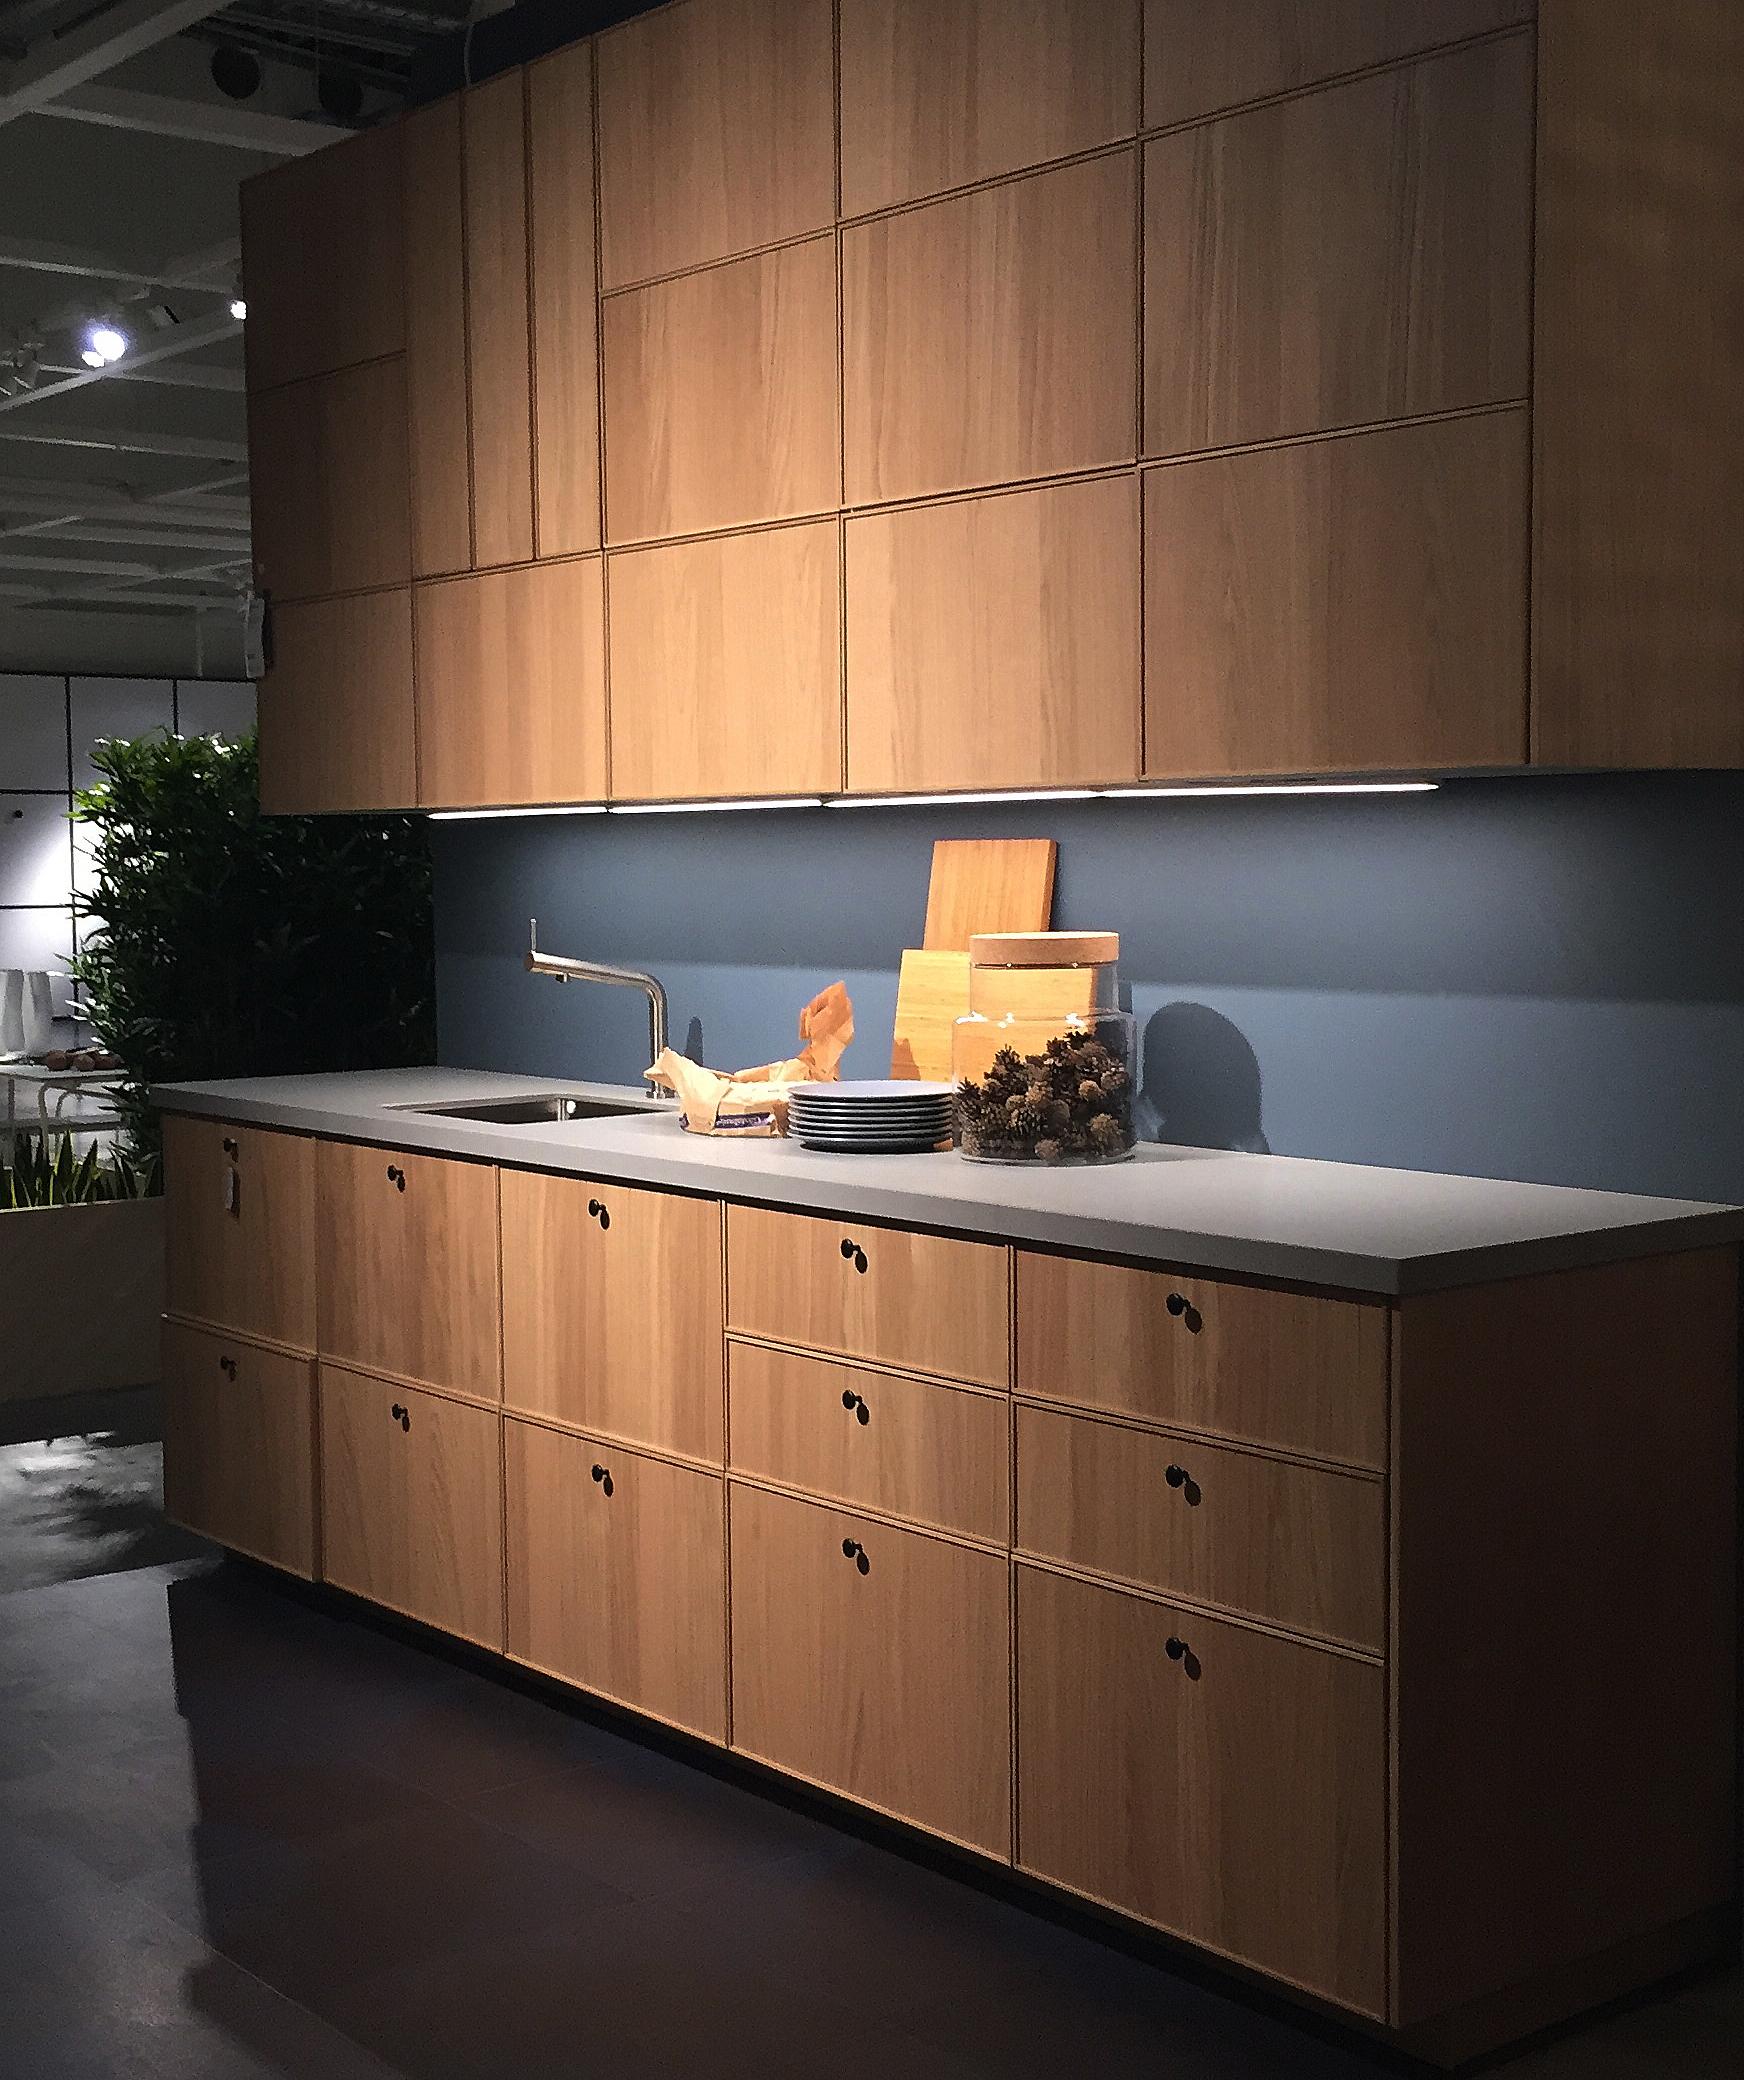 Ikea Kitchen Cabinets Sale: Fullmatat – I Alla Bemärkelser!